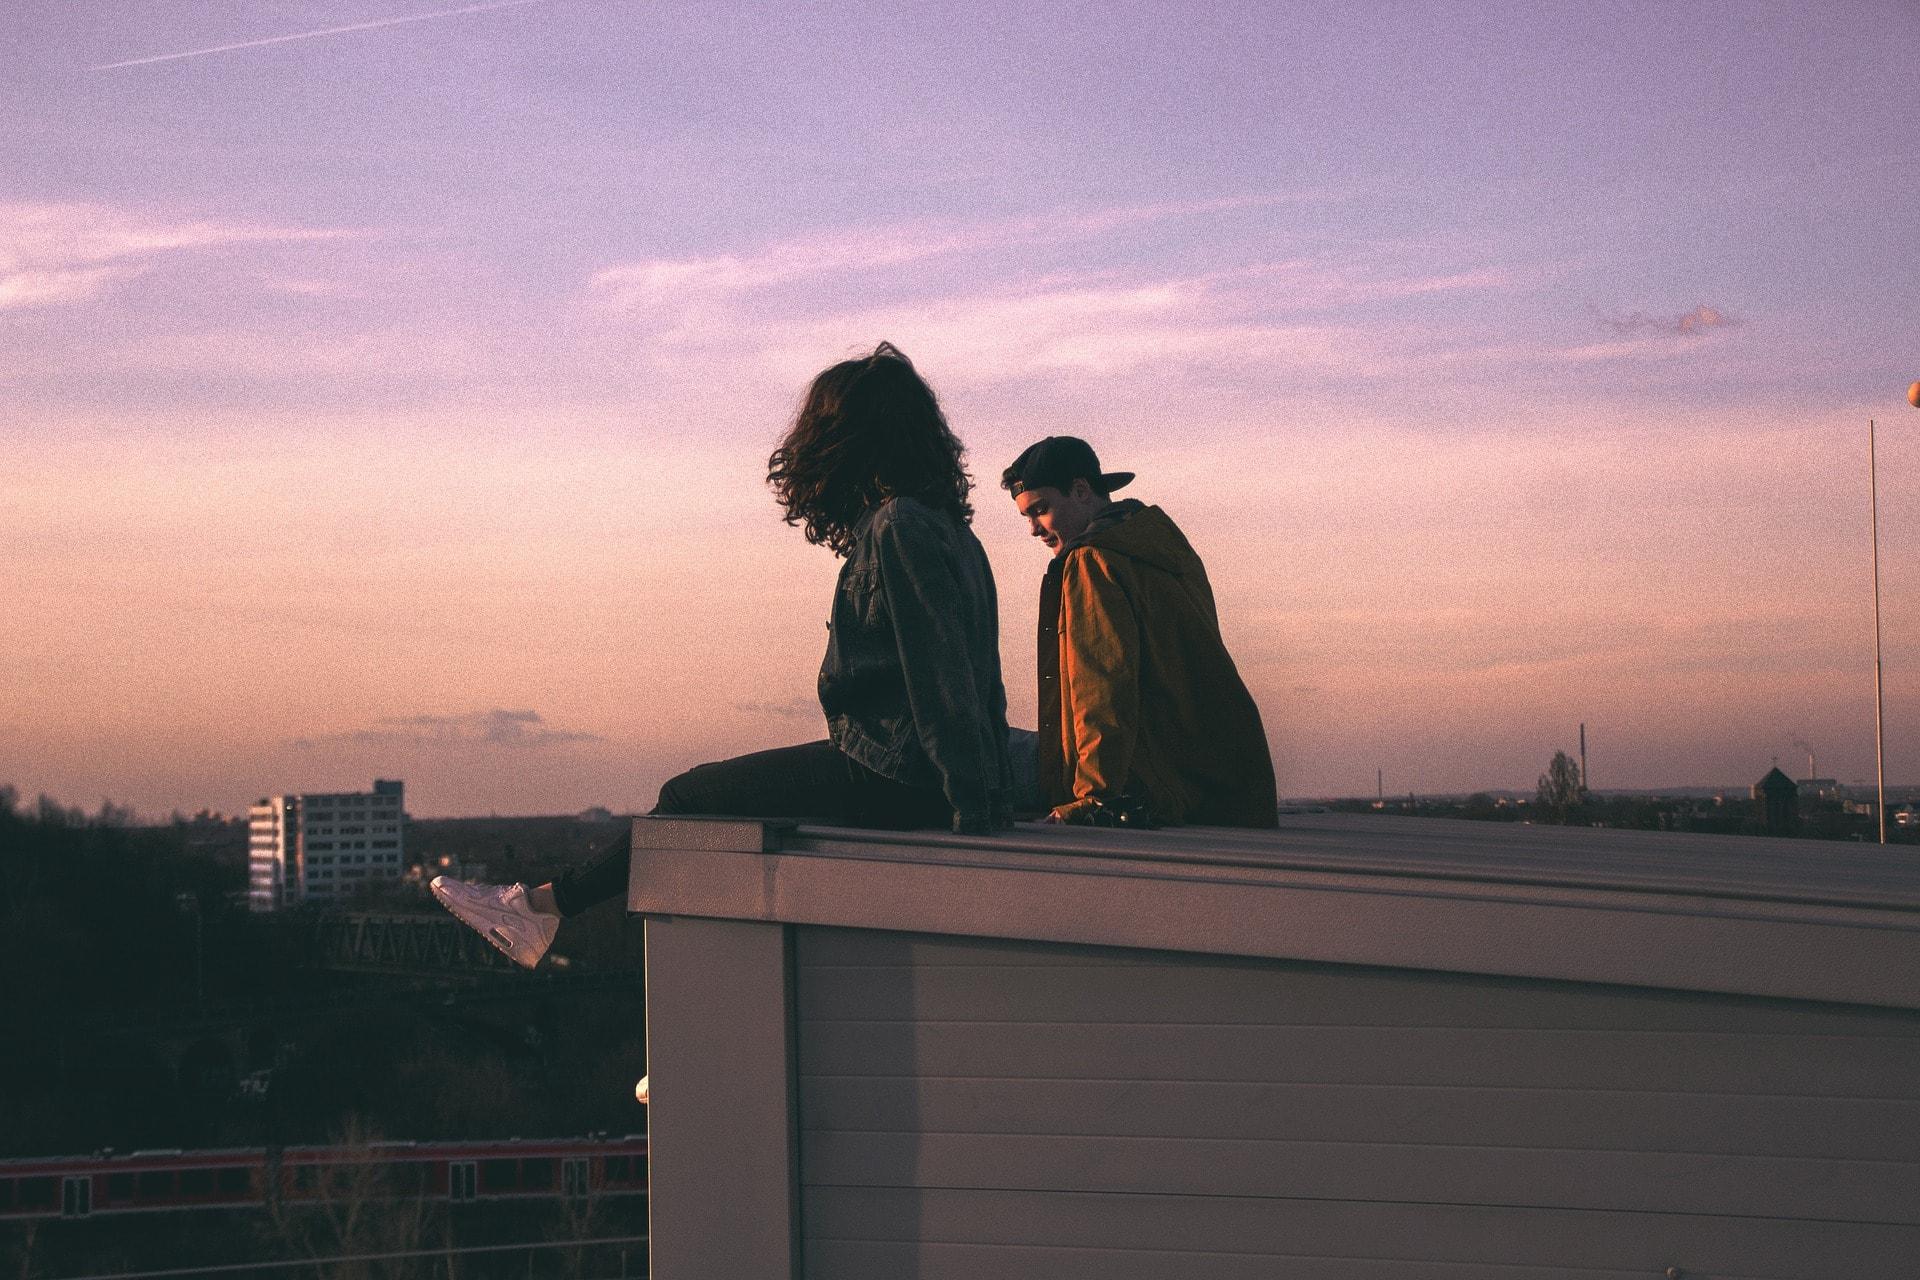 Главным условием, чтобы правильно выяснять отношения с мужчиной, является спокойствие